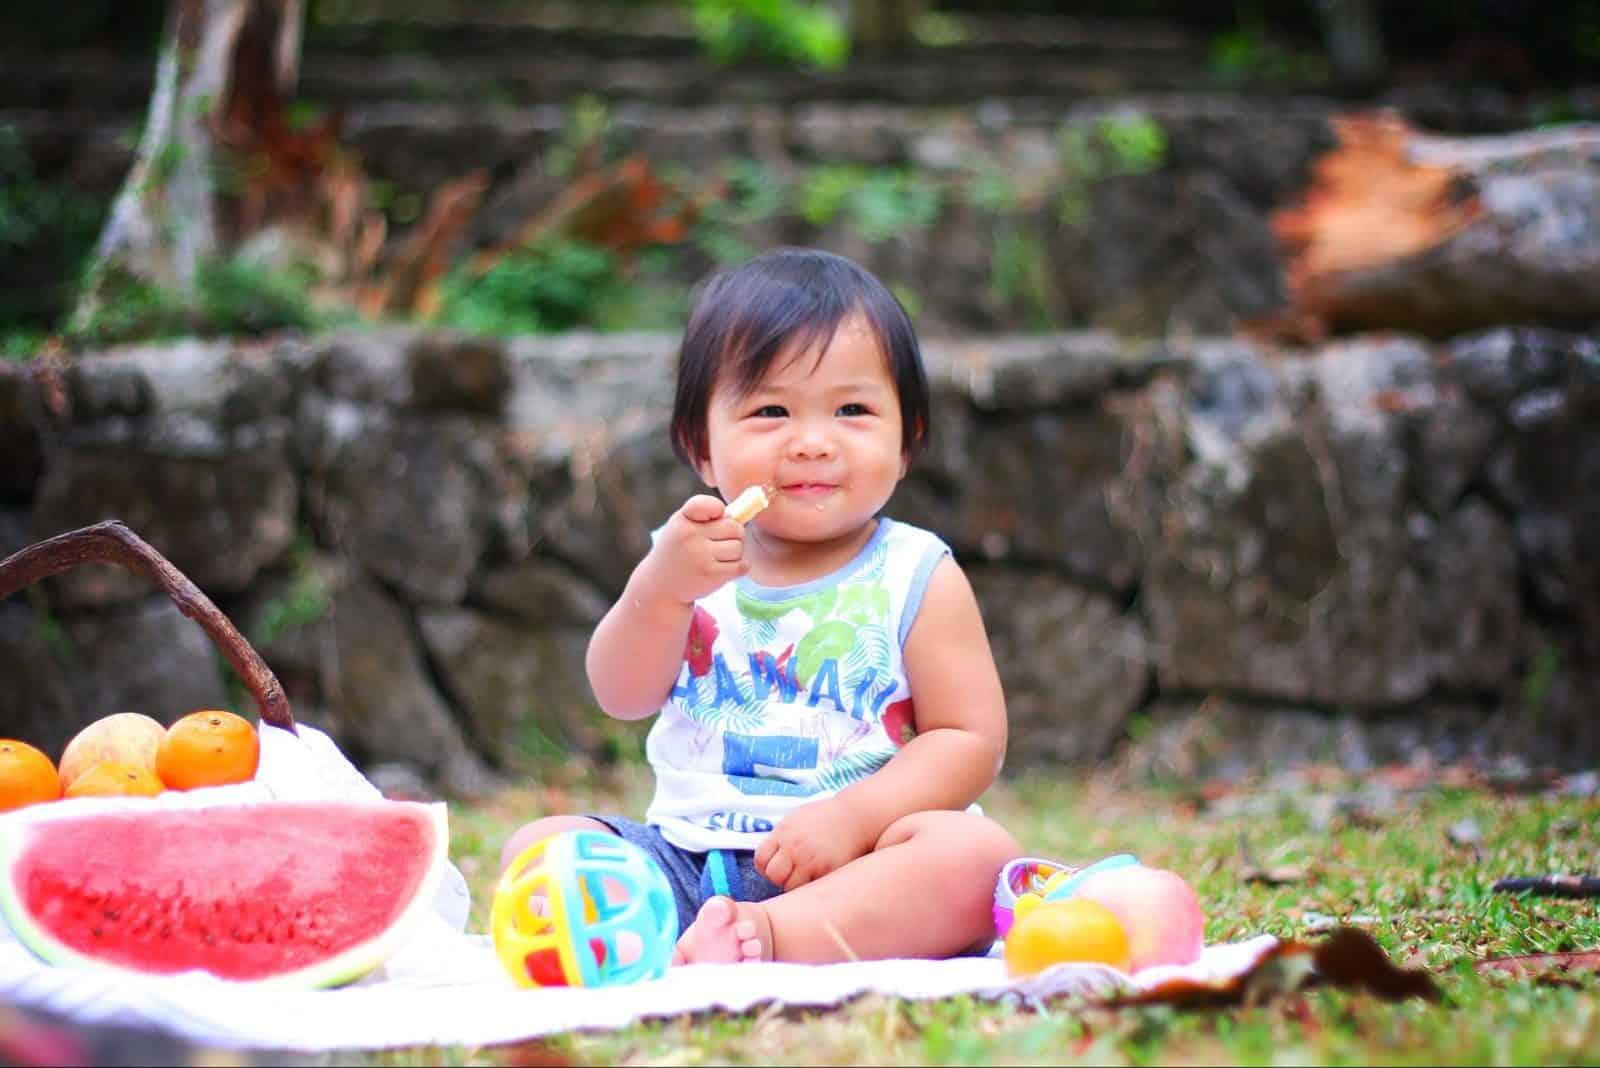 toddler eating on blanket